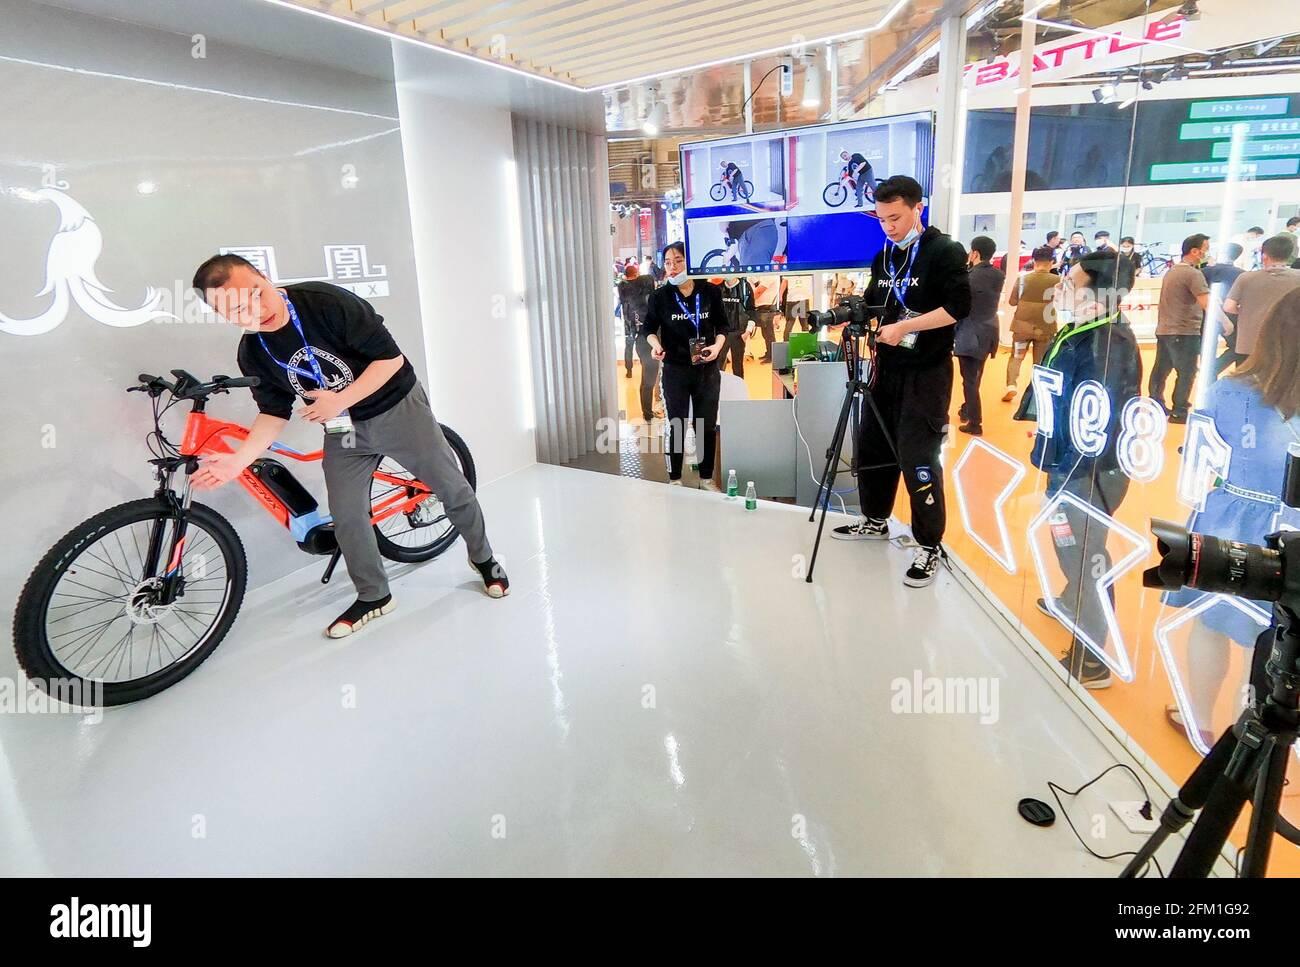 Shanghai. 5 mai 2021. Un membre du personnel présente un vélo en streaming lors de la 30e China International Bicycle Fair à Shanghai, en Chine orientale, le 5 mai 2021. L'événement de quatre jours a débuté mercredi, attirant plus de 1,000 entreprises à y participer. Credit: Li He/Xinhua/Alay Live News Banque D'Images